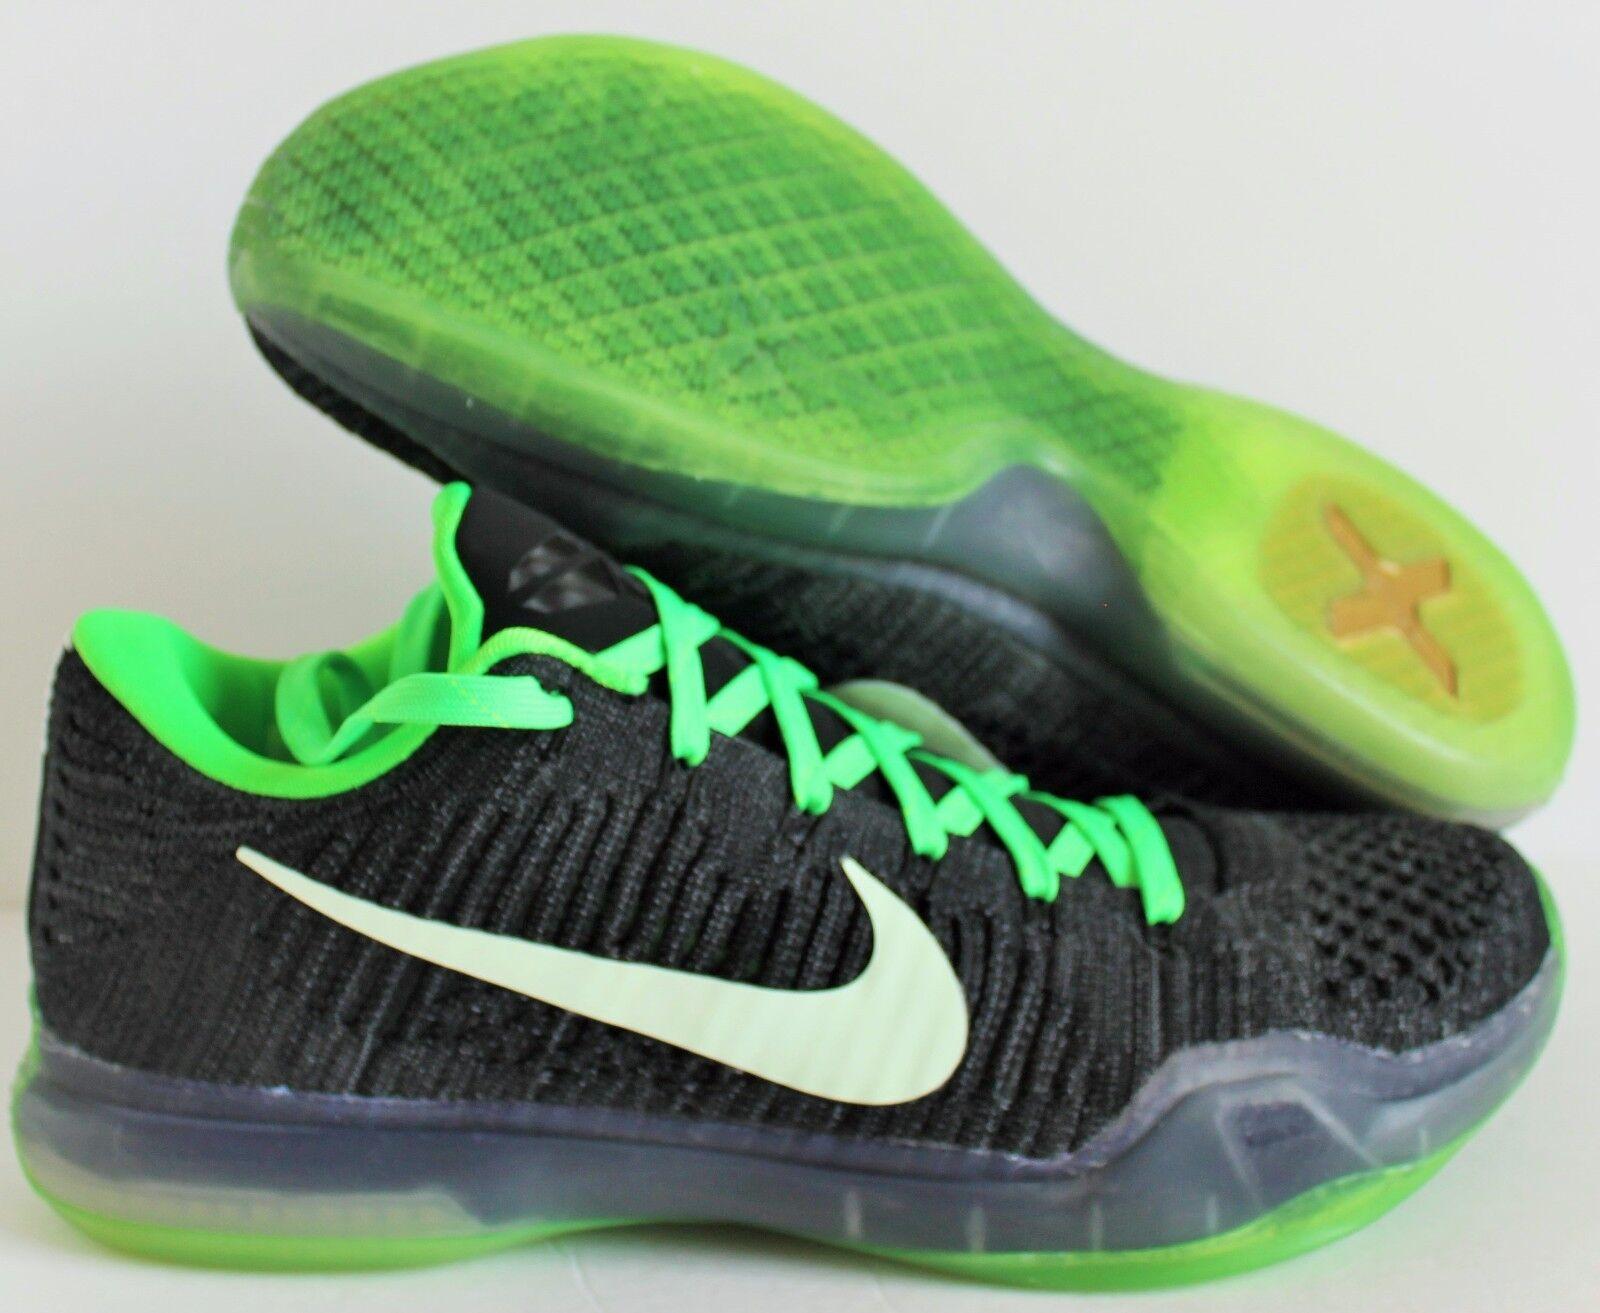 Nike Kobe X 10 Elite Low Flyknit iD Noir -lime SZ 10